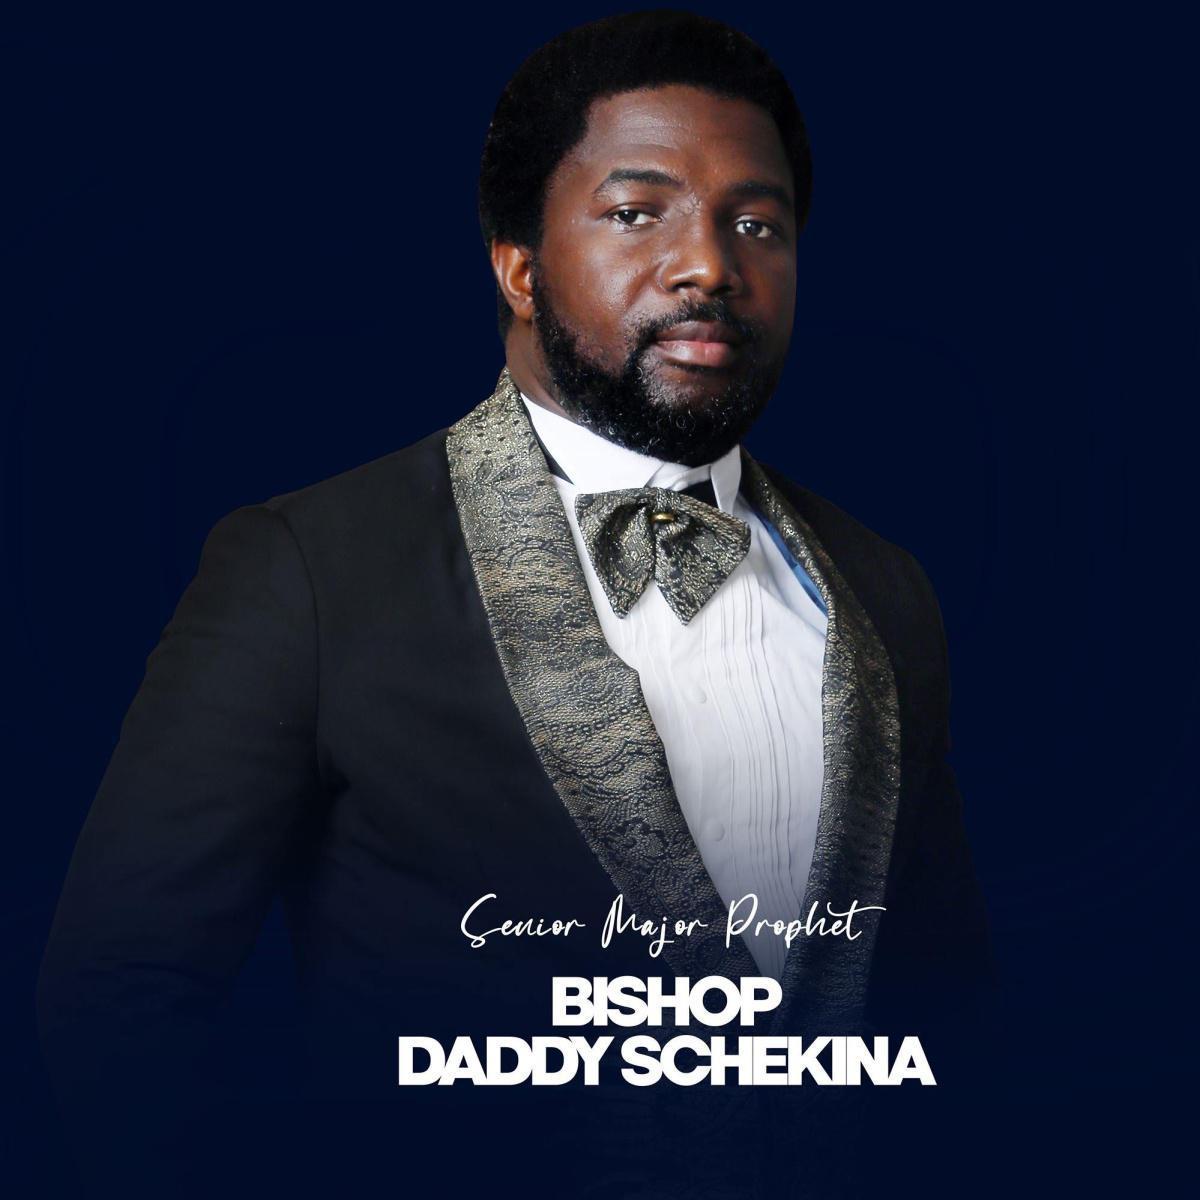 Qui est Daddy Schekina ?